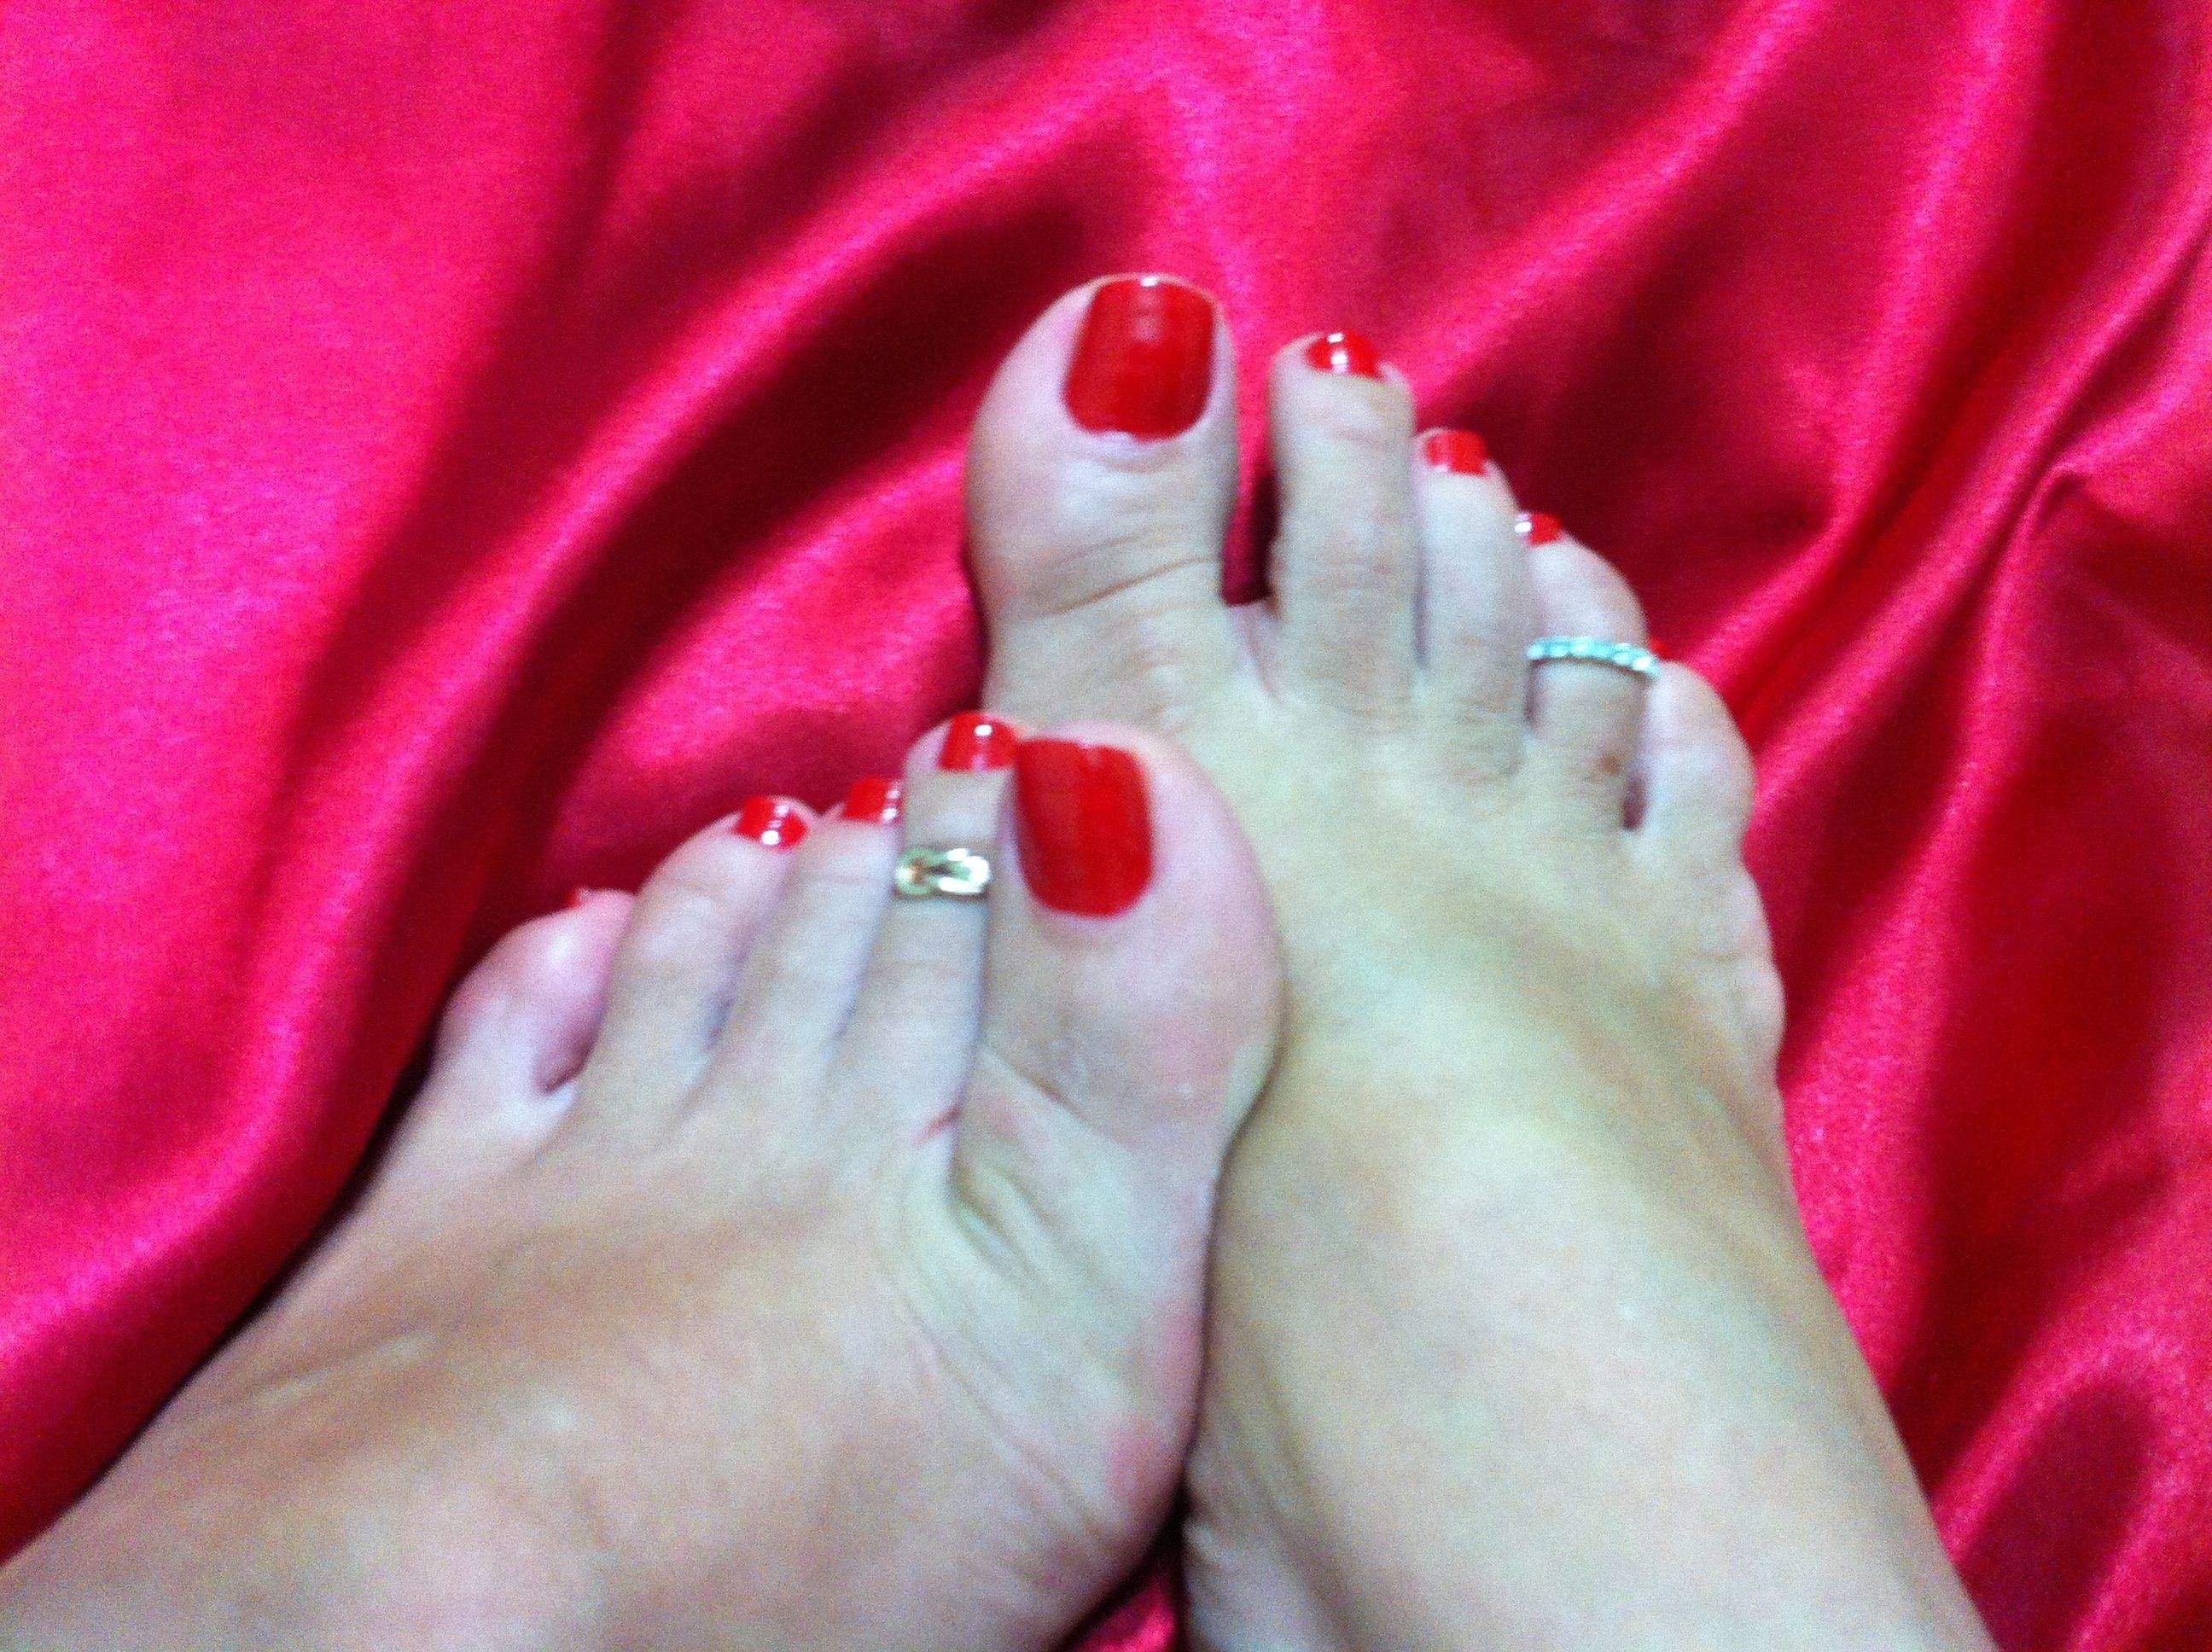 Женские пальцы ног крупным планом фото